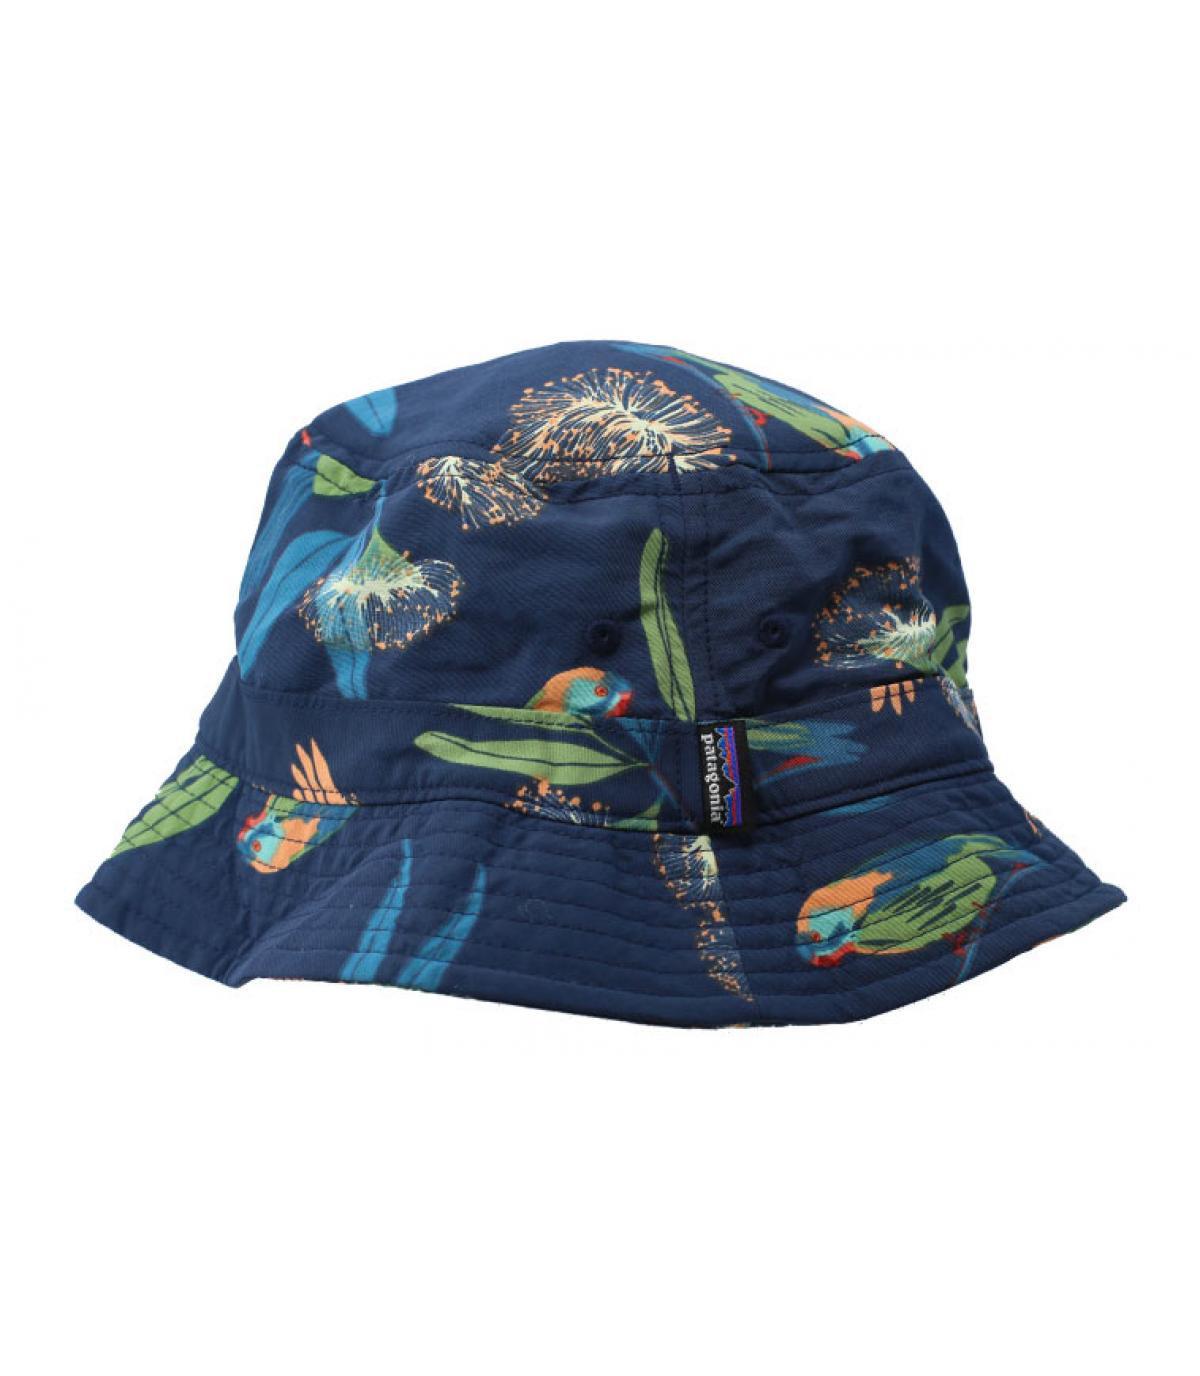 86c0e8826a7 printed Patagonia bucket hat. Détails Wavefarer Bucket Parrots stone blue -  image 4  Détails Wavefarer Bucket Parrots stone blue - image ...